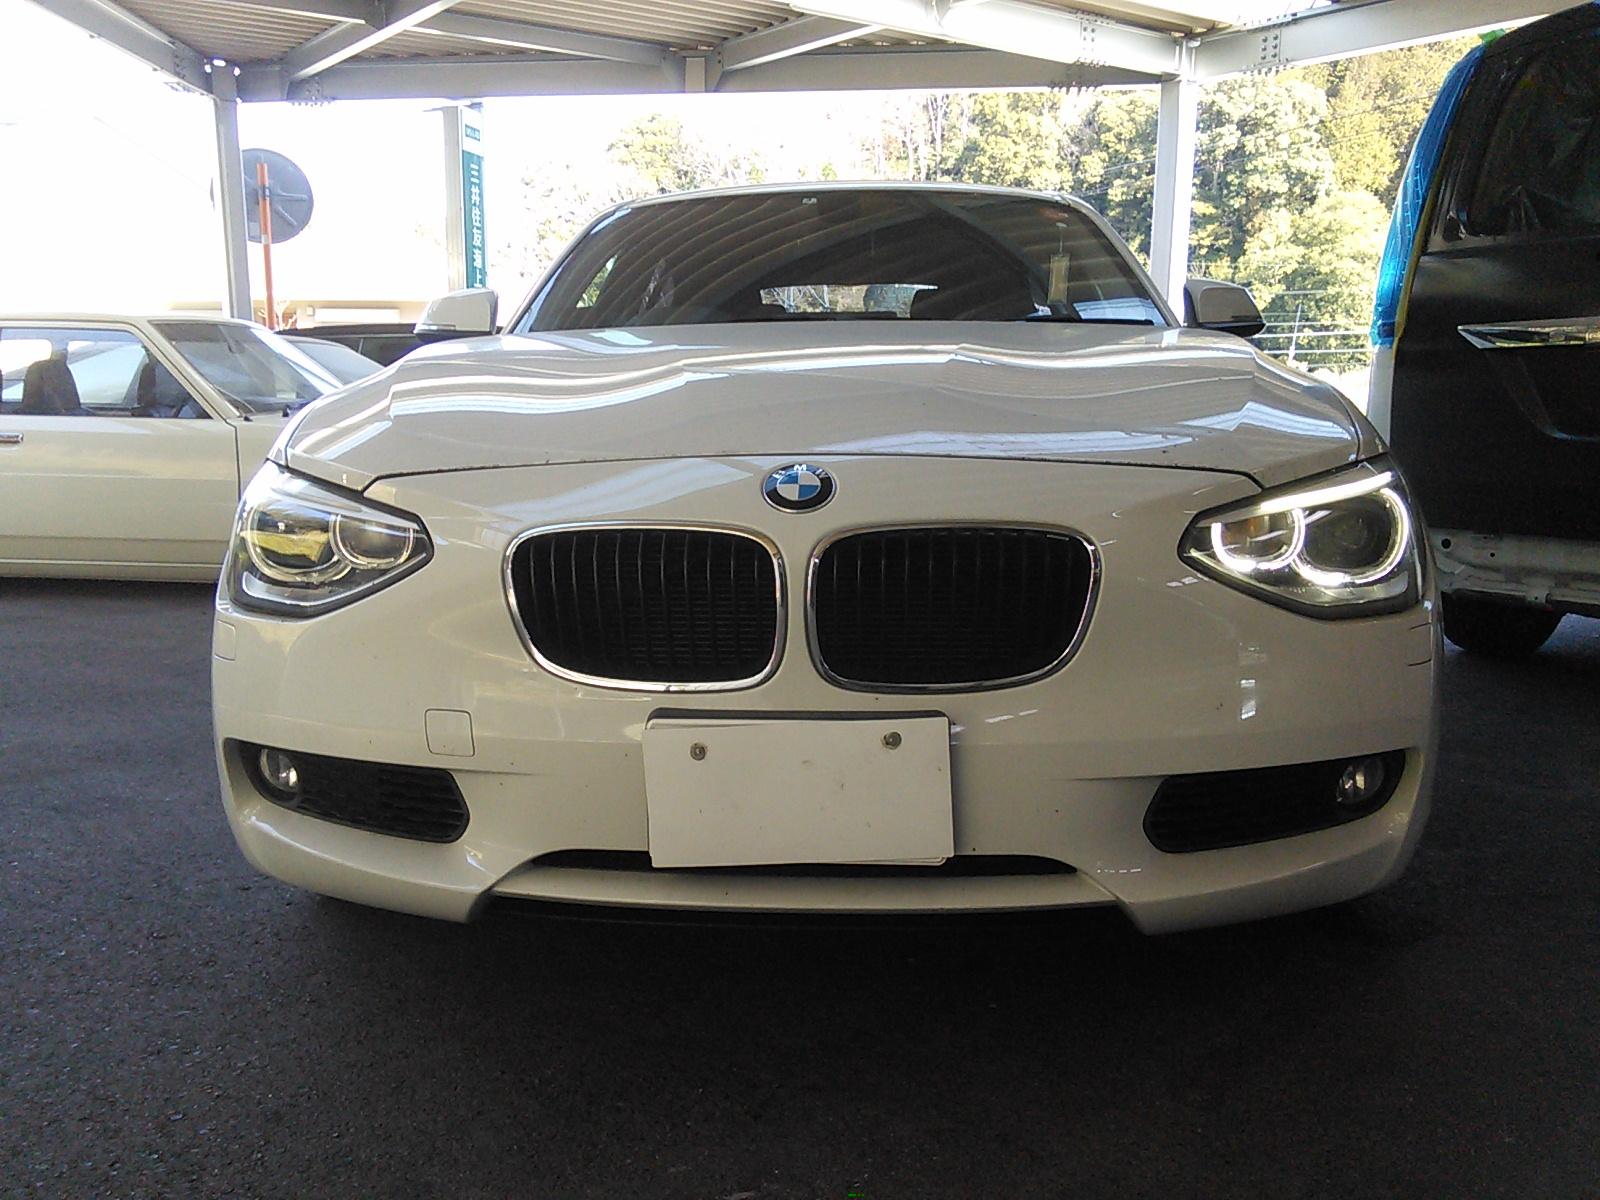 BMW F20 たかがウインカー点灯しない 診断には専用診断機必須